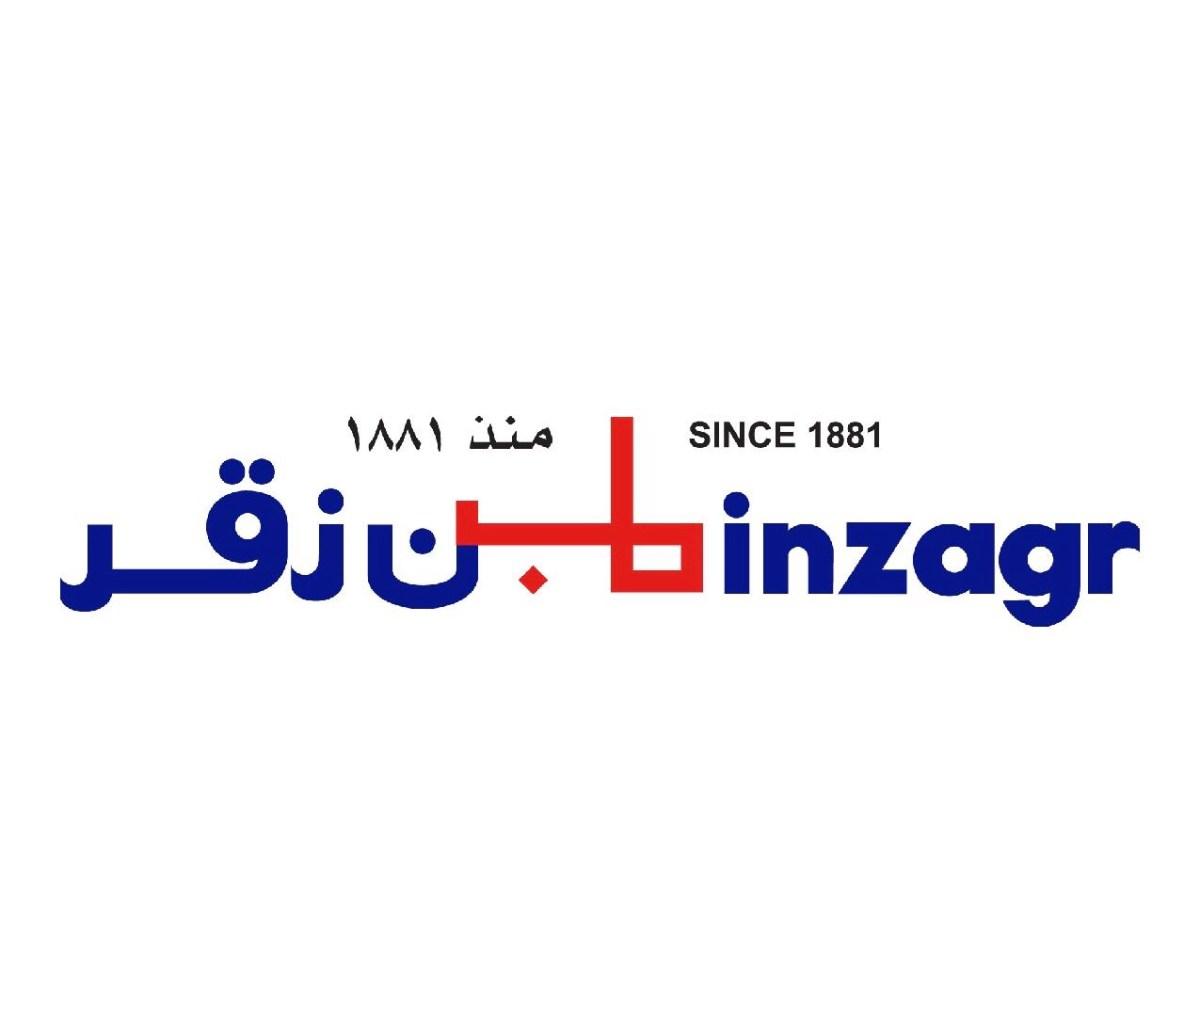 شركة بن زقر تعلن عن 12 وظيفة لحملة الثانوية في جده راتب 7000 ريال ساحة الوظائف